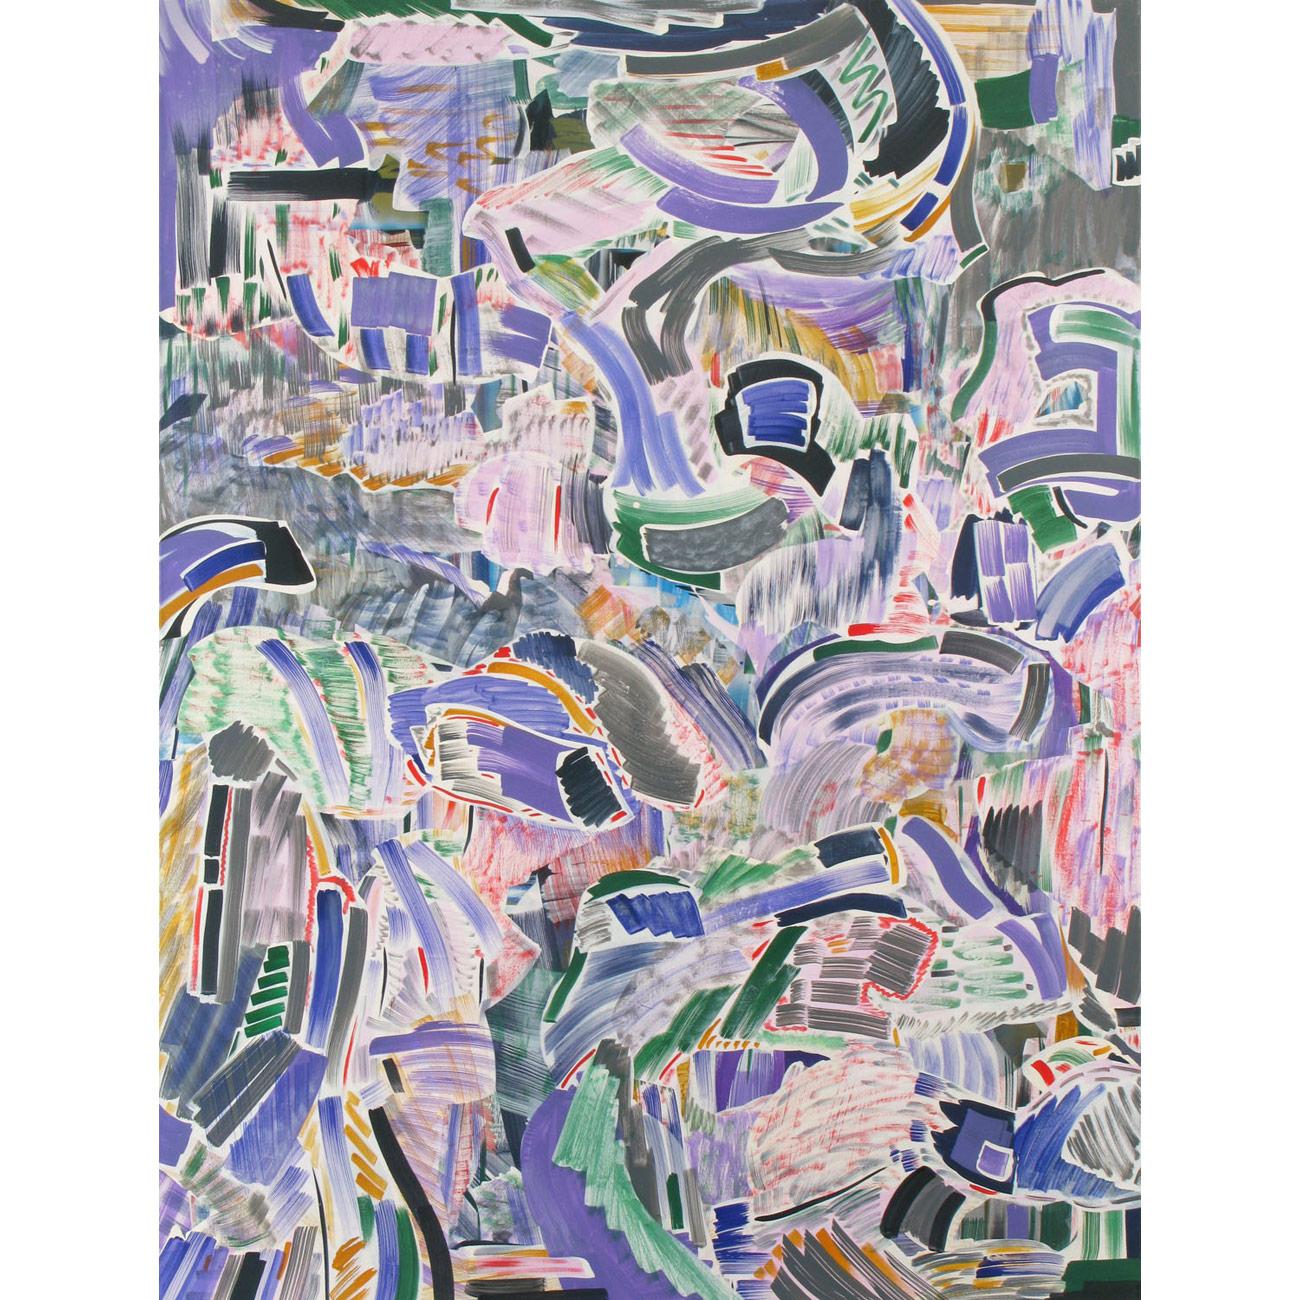 Wohin gehen wir? . 2010 . 200 x 150 cm . Acryl auf Baumwolle